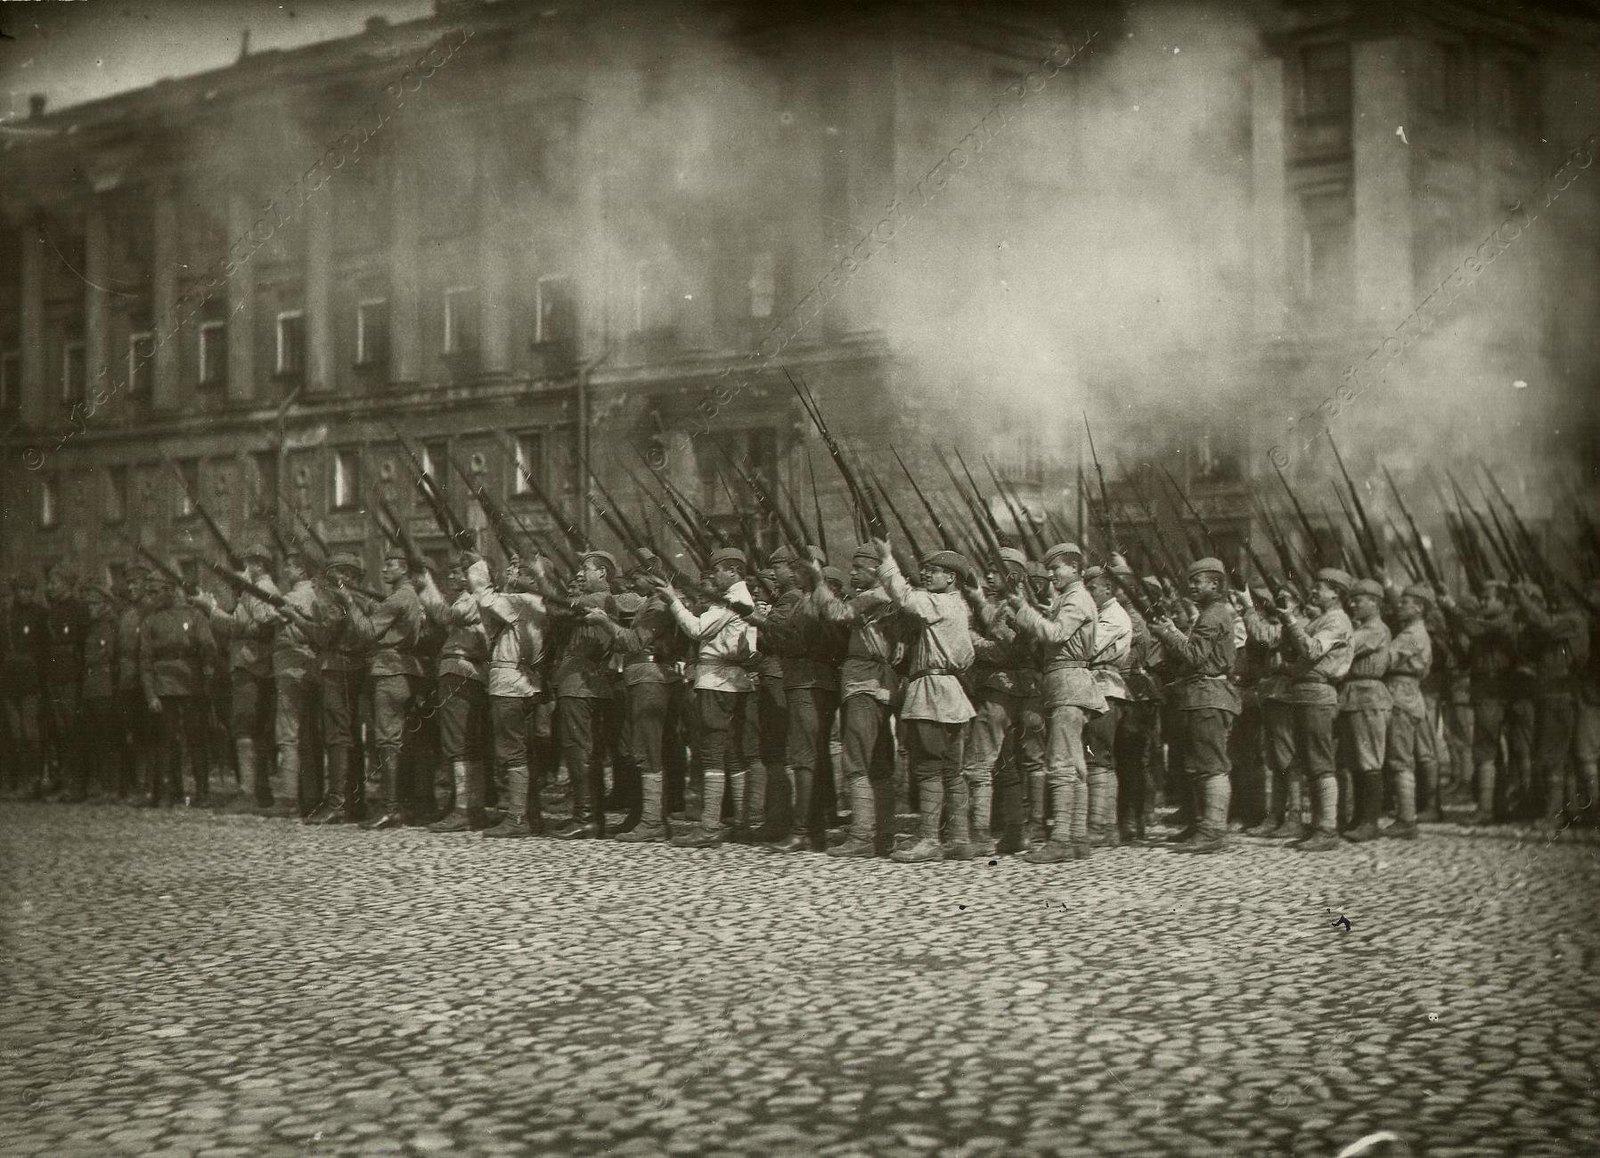 1918-1920. Группа бойцов Красной Армии производит ружейный салют